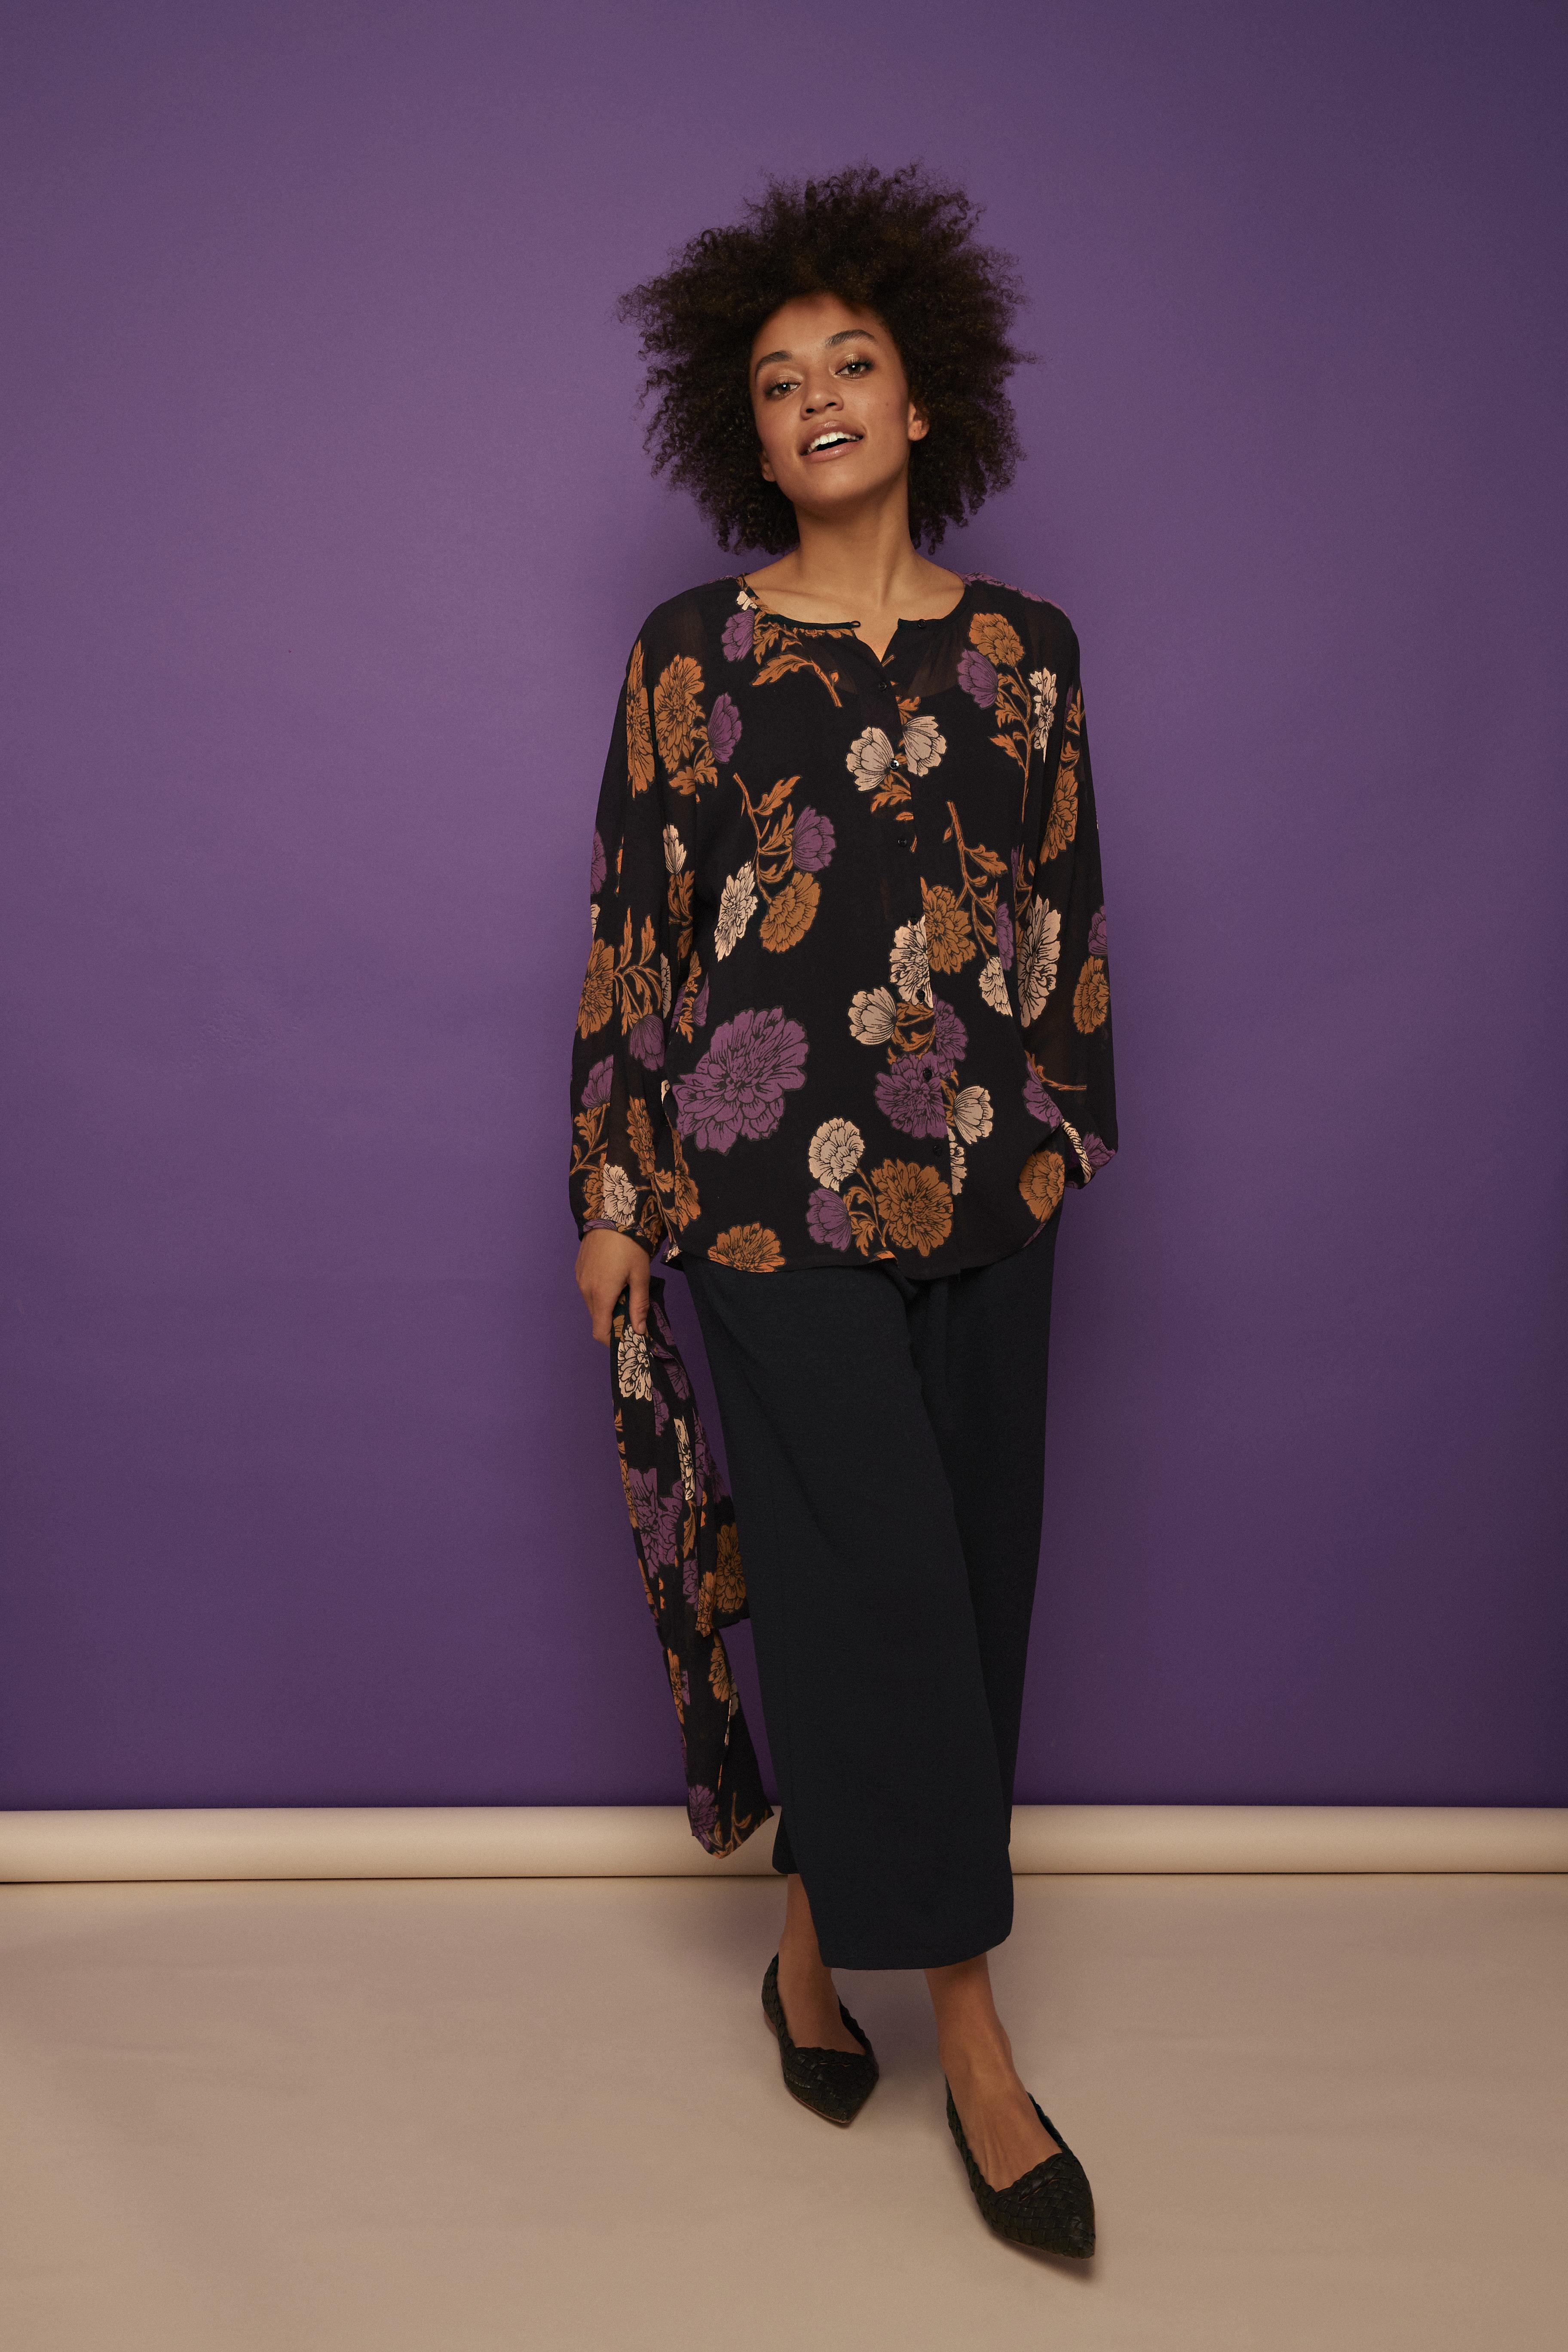 Bluse mit violett und beigen Blumen von der Modemarke Masai Clothing Company